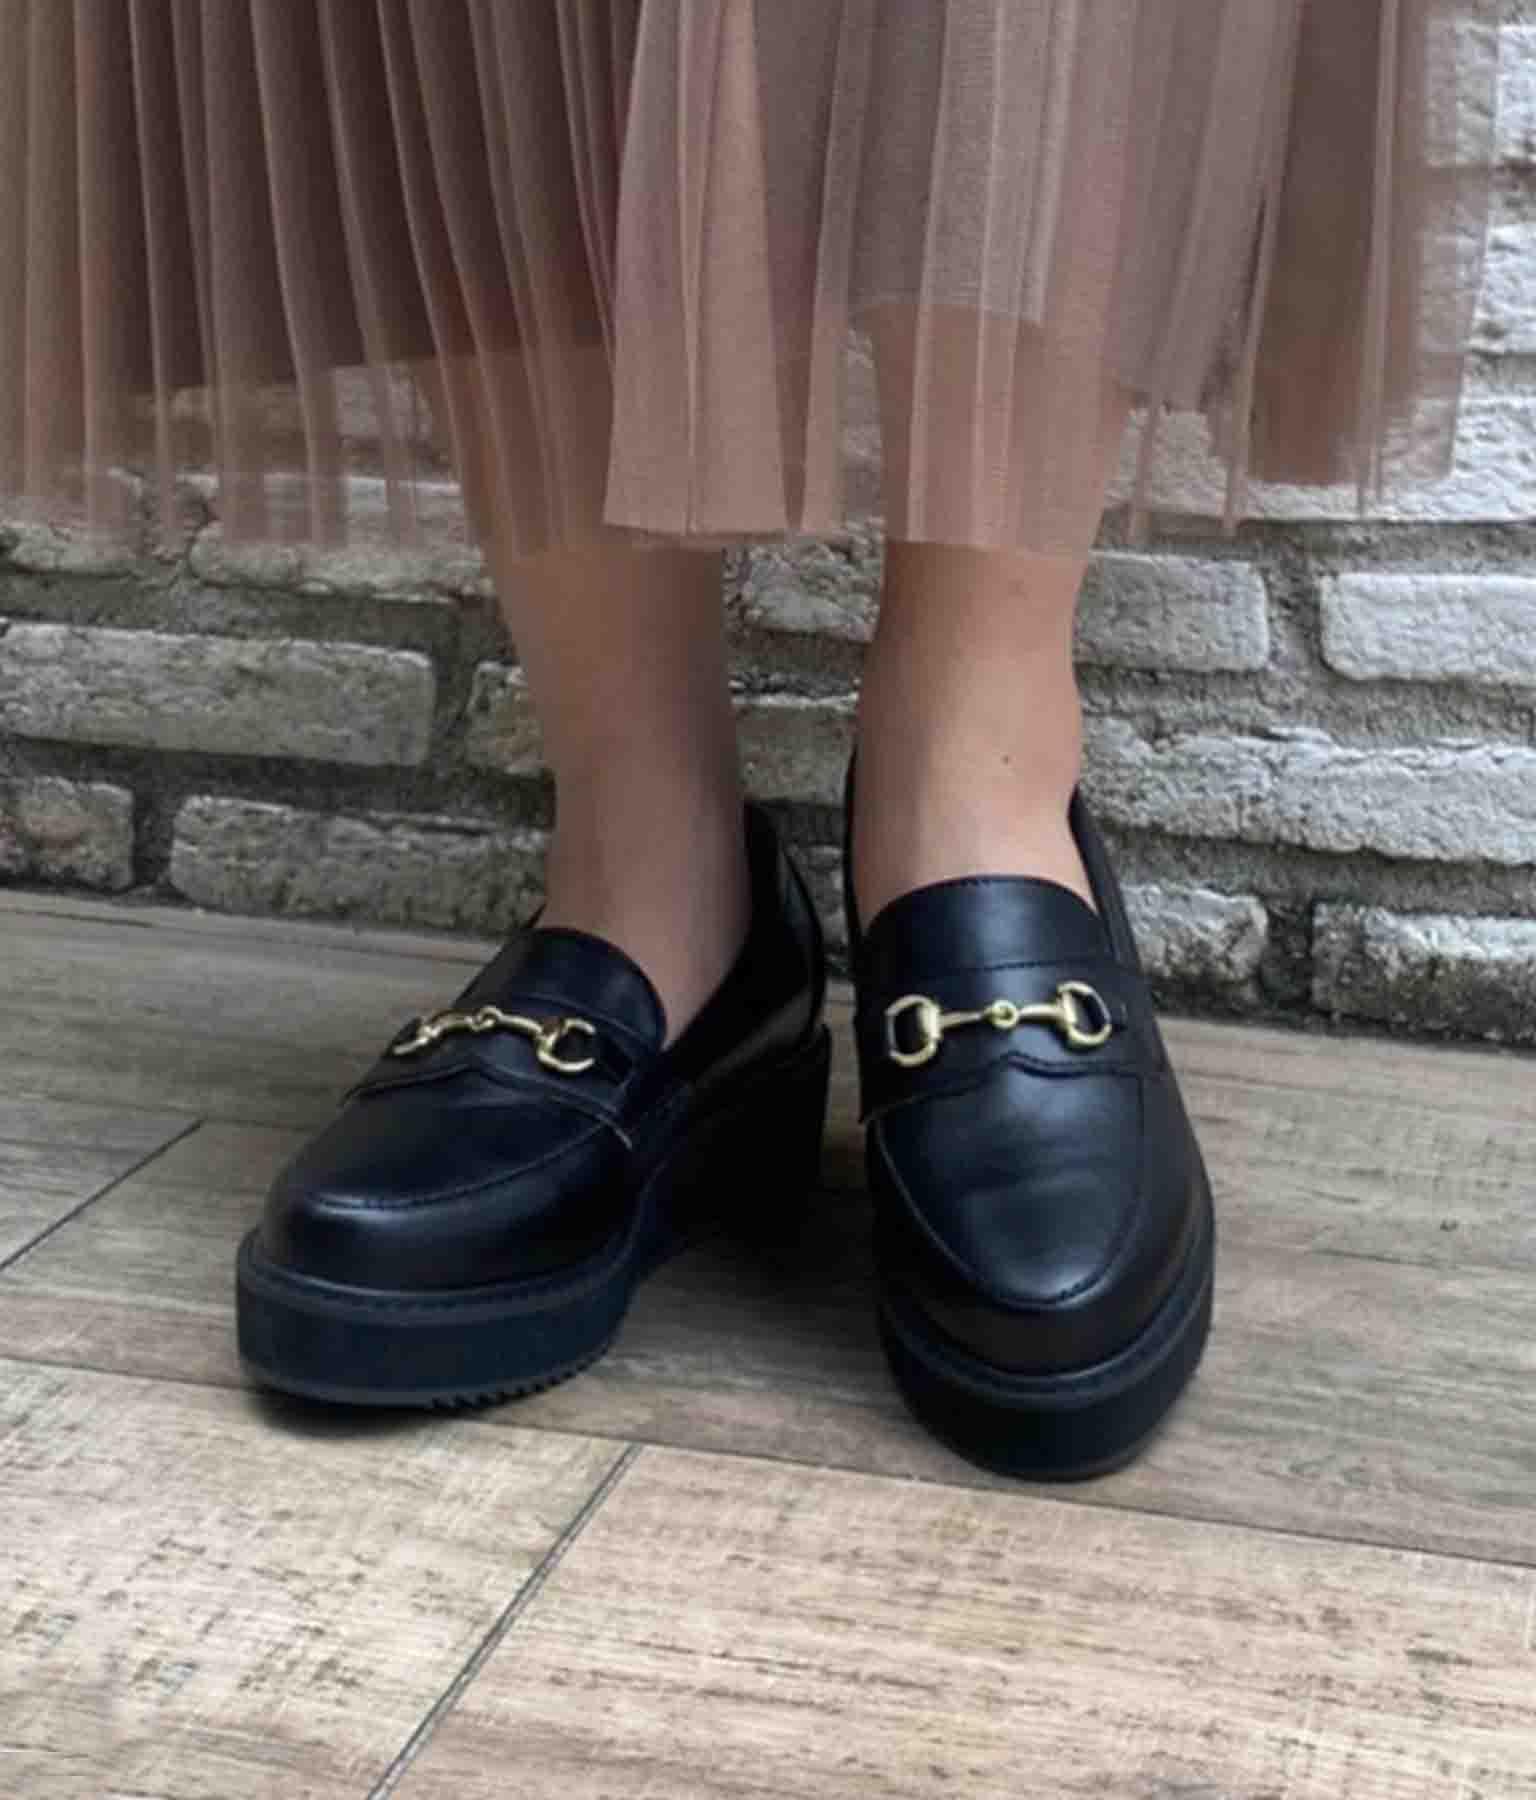 ビット付き厚底ローファー(シューズ・靴/パンプス) | CHILLE